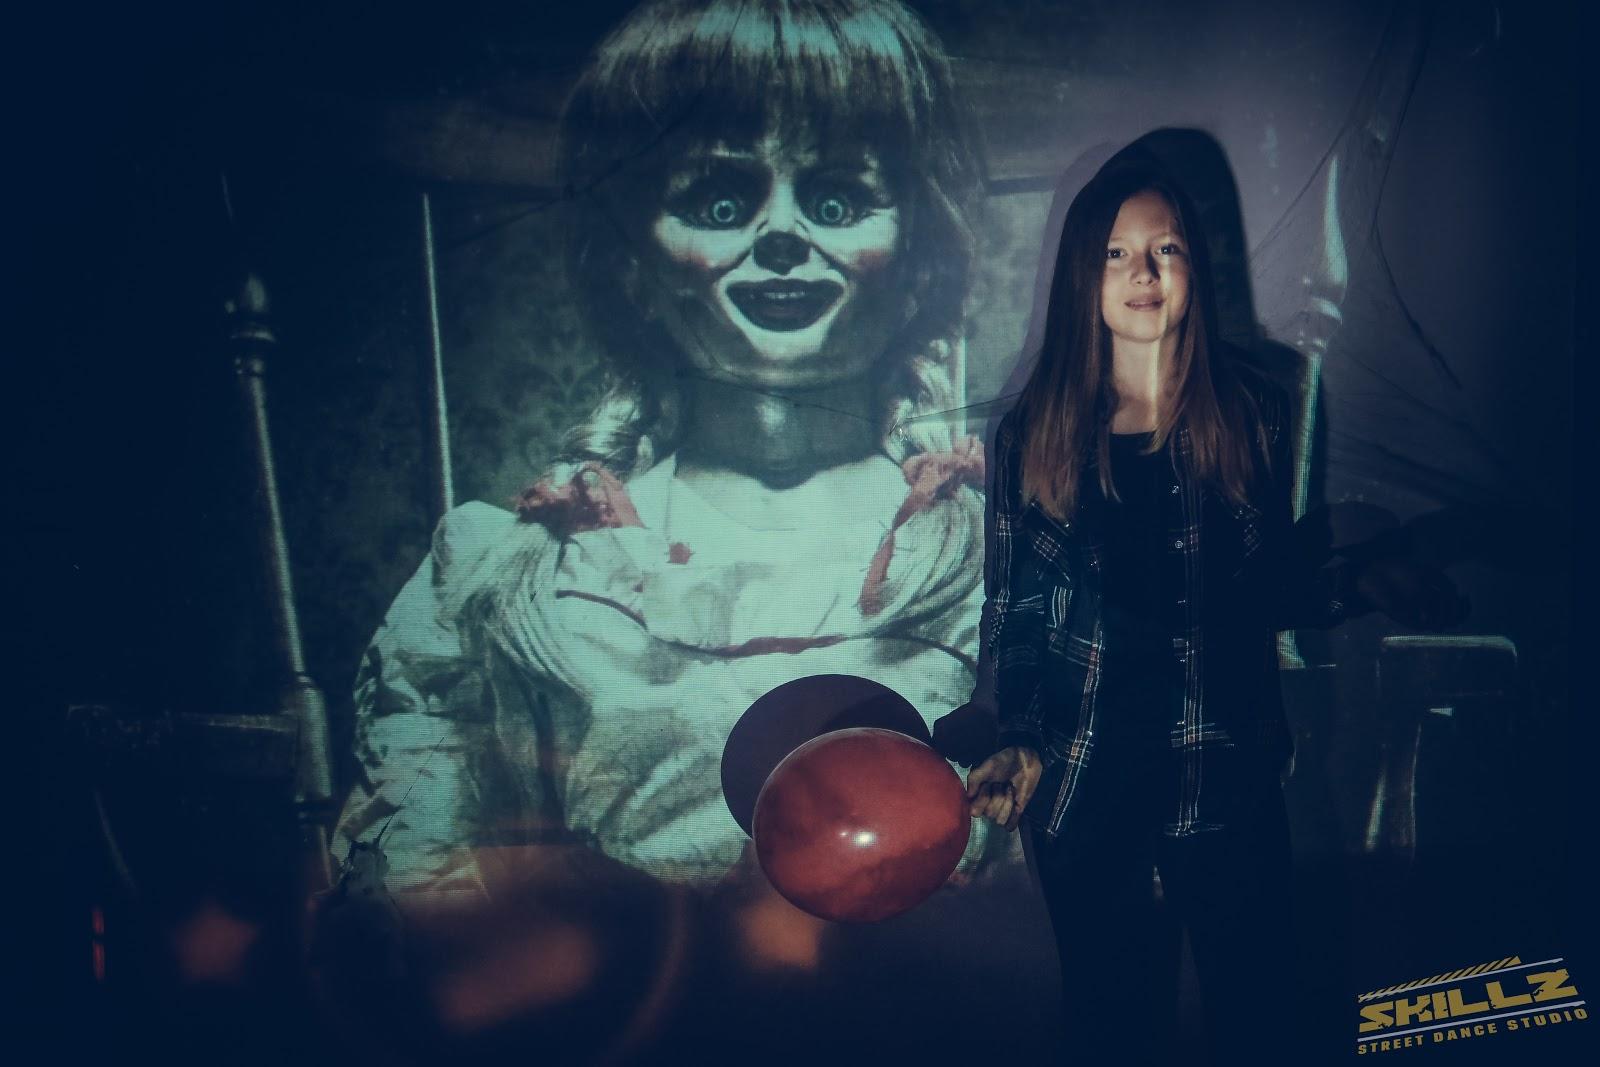 Naujikų krikštynos @SKILLZ (Halloween tema) - PANA1580.jpg